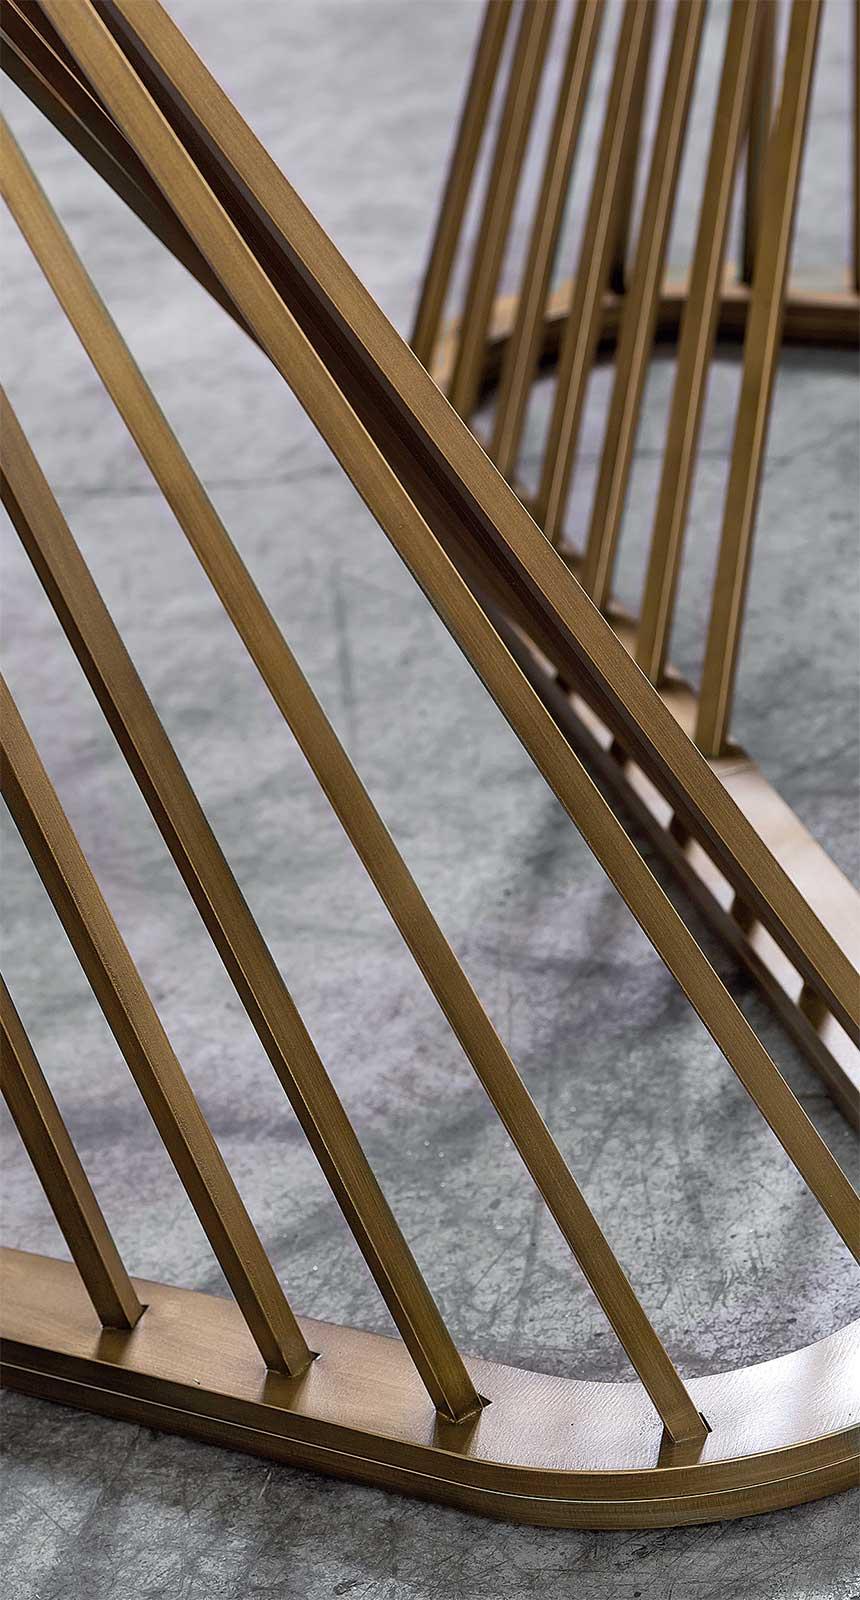 Tavolo da pranzo design made in Italy. Tavolo sagomato a botte. Piano in vetro, base metallica in forma di arpa. Vendita online, consegna gratuita.